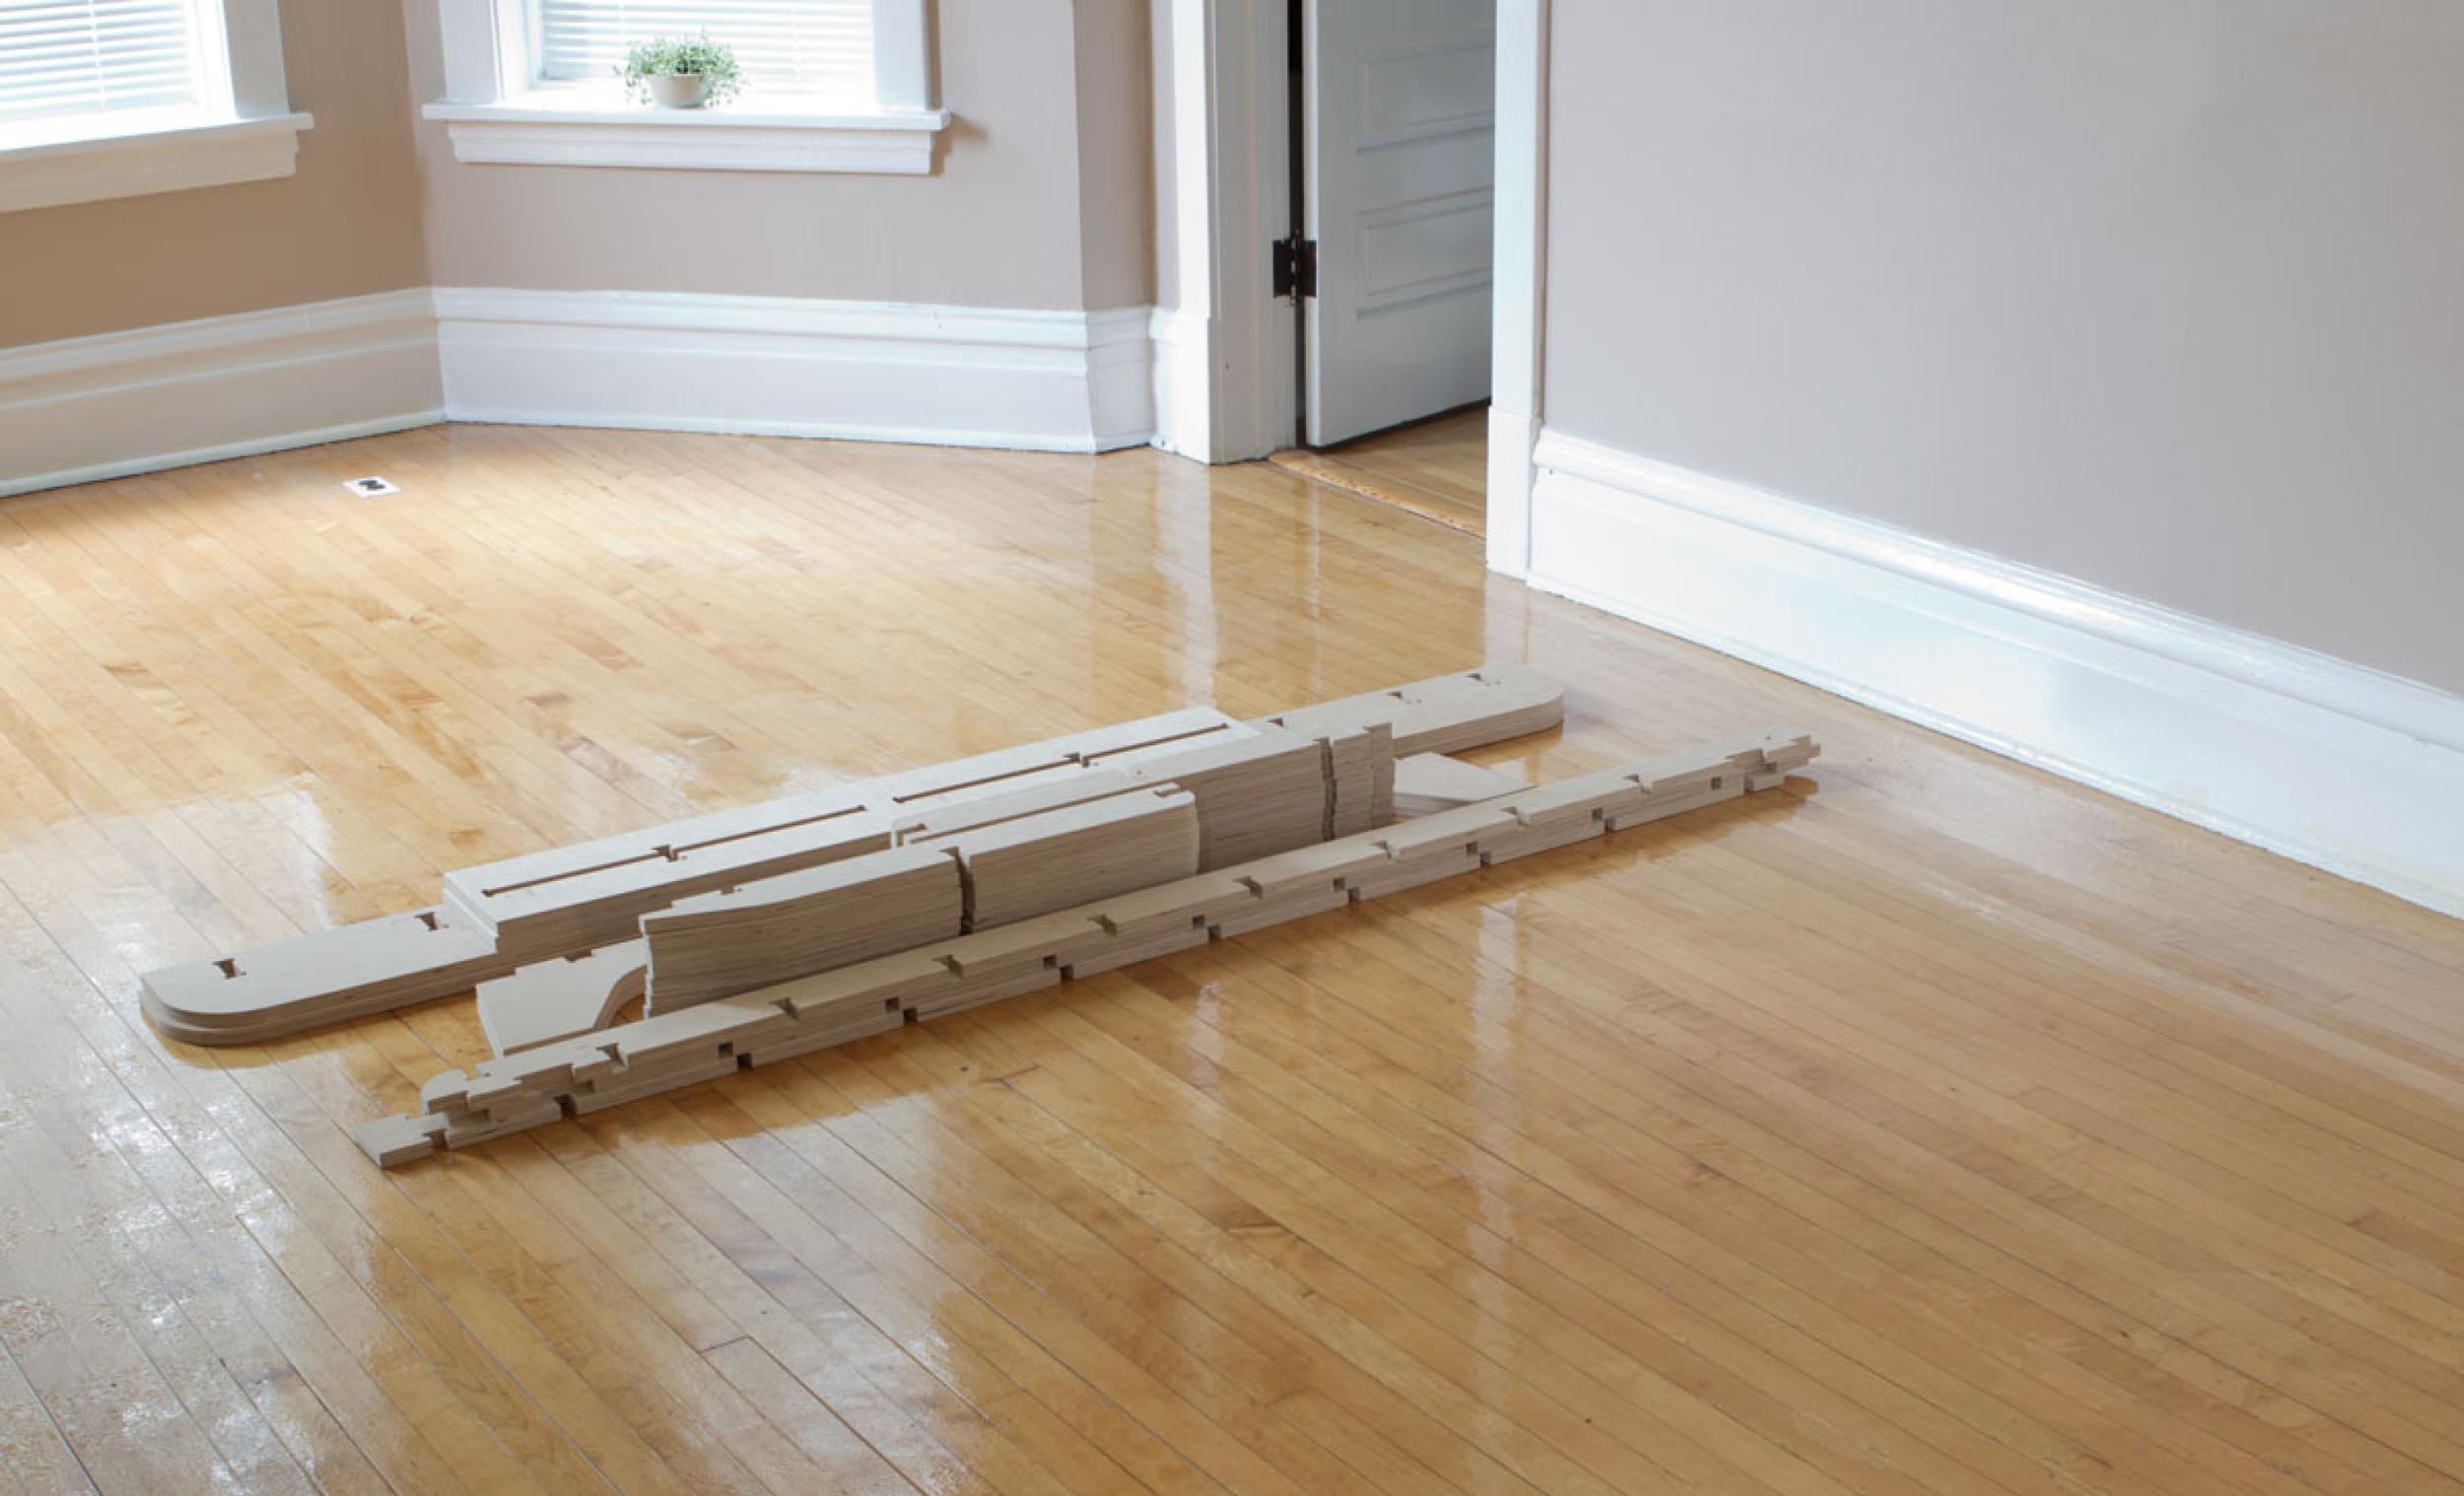 flatpack-bedframe-03